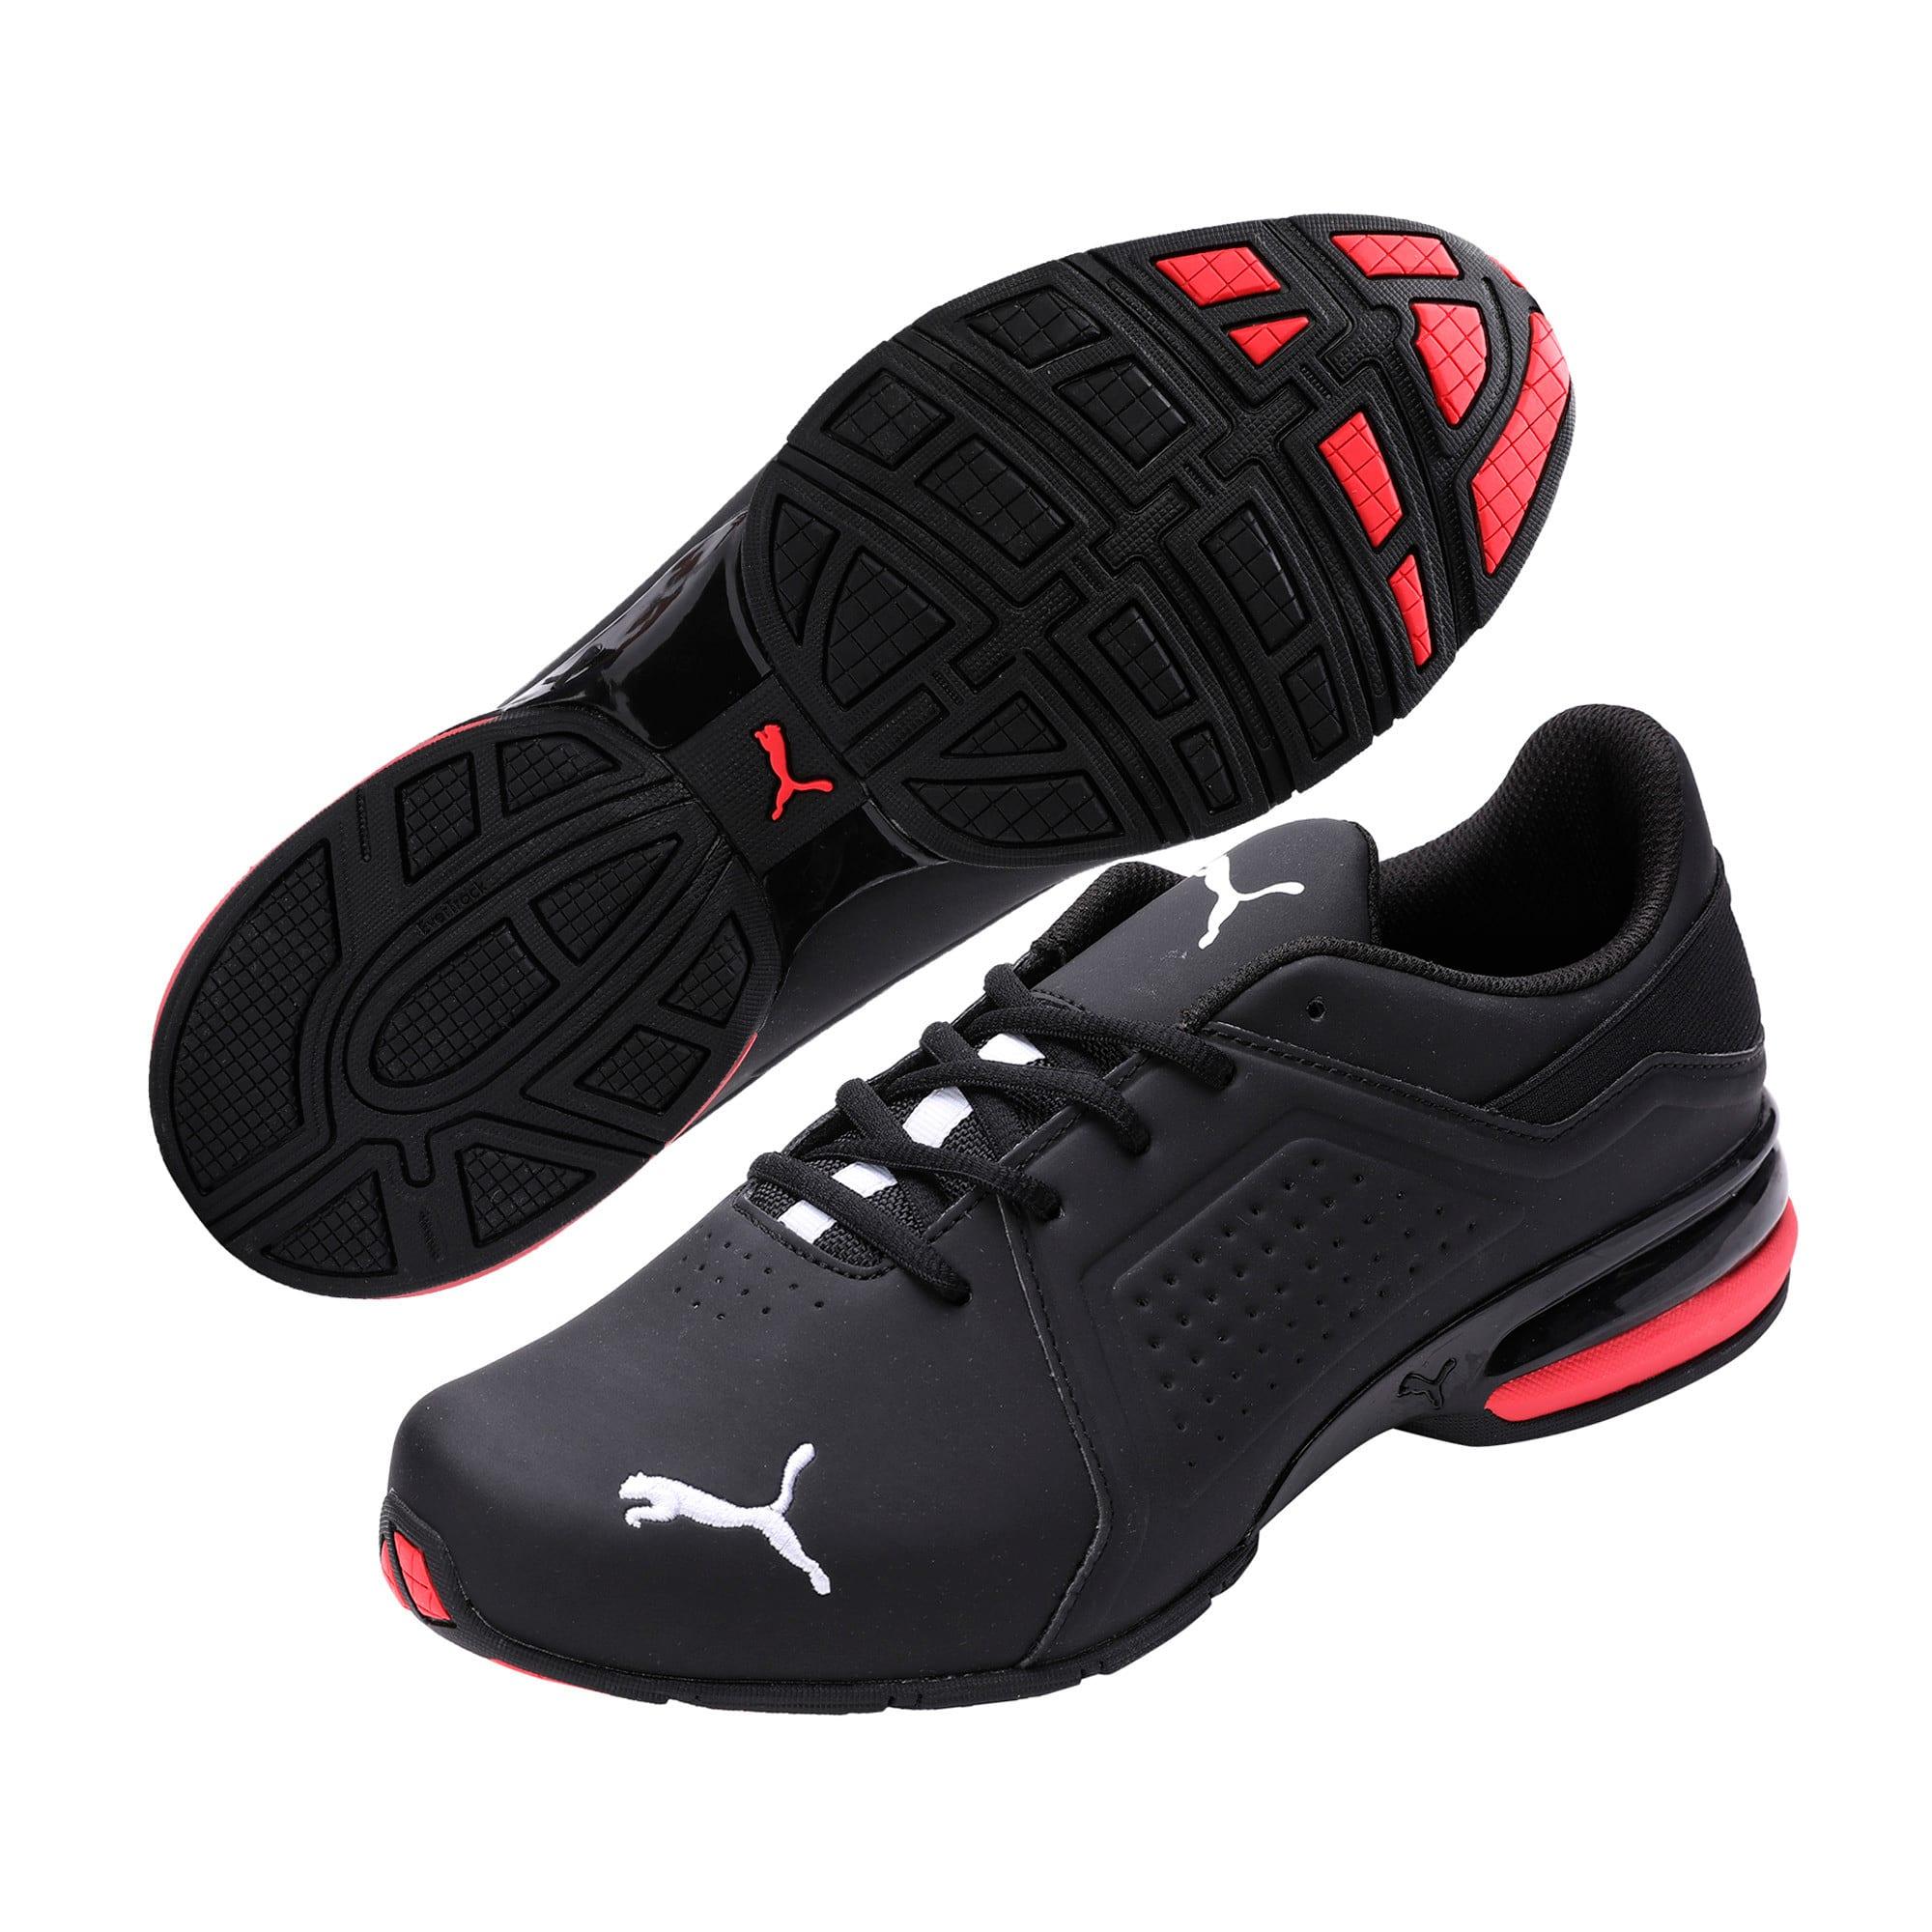 Thumbnail 3 of Viz Runner Puma White-Puma Black, Puma Black-Puma White, medium-IND